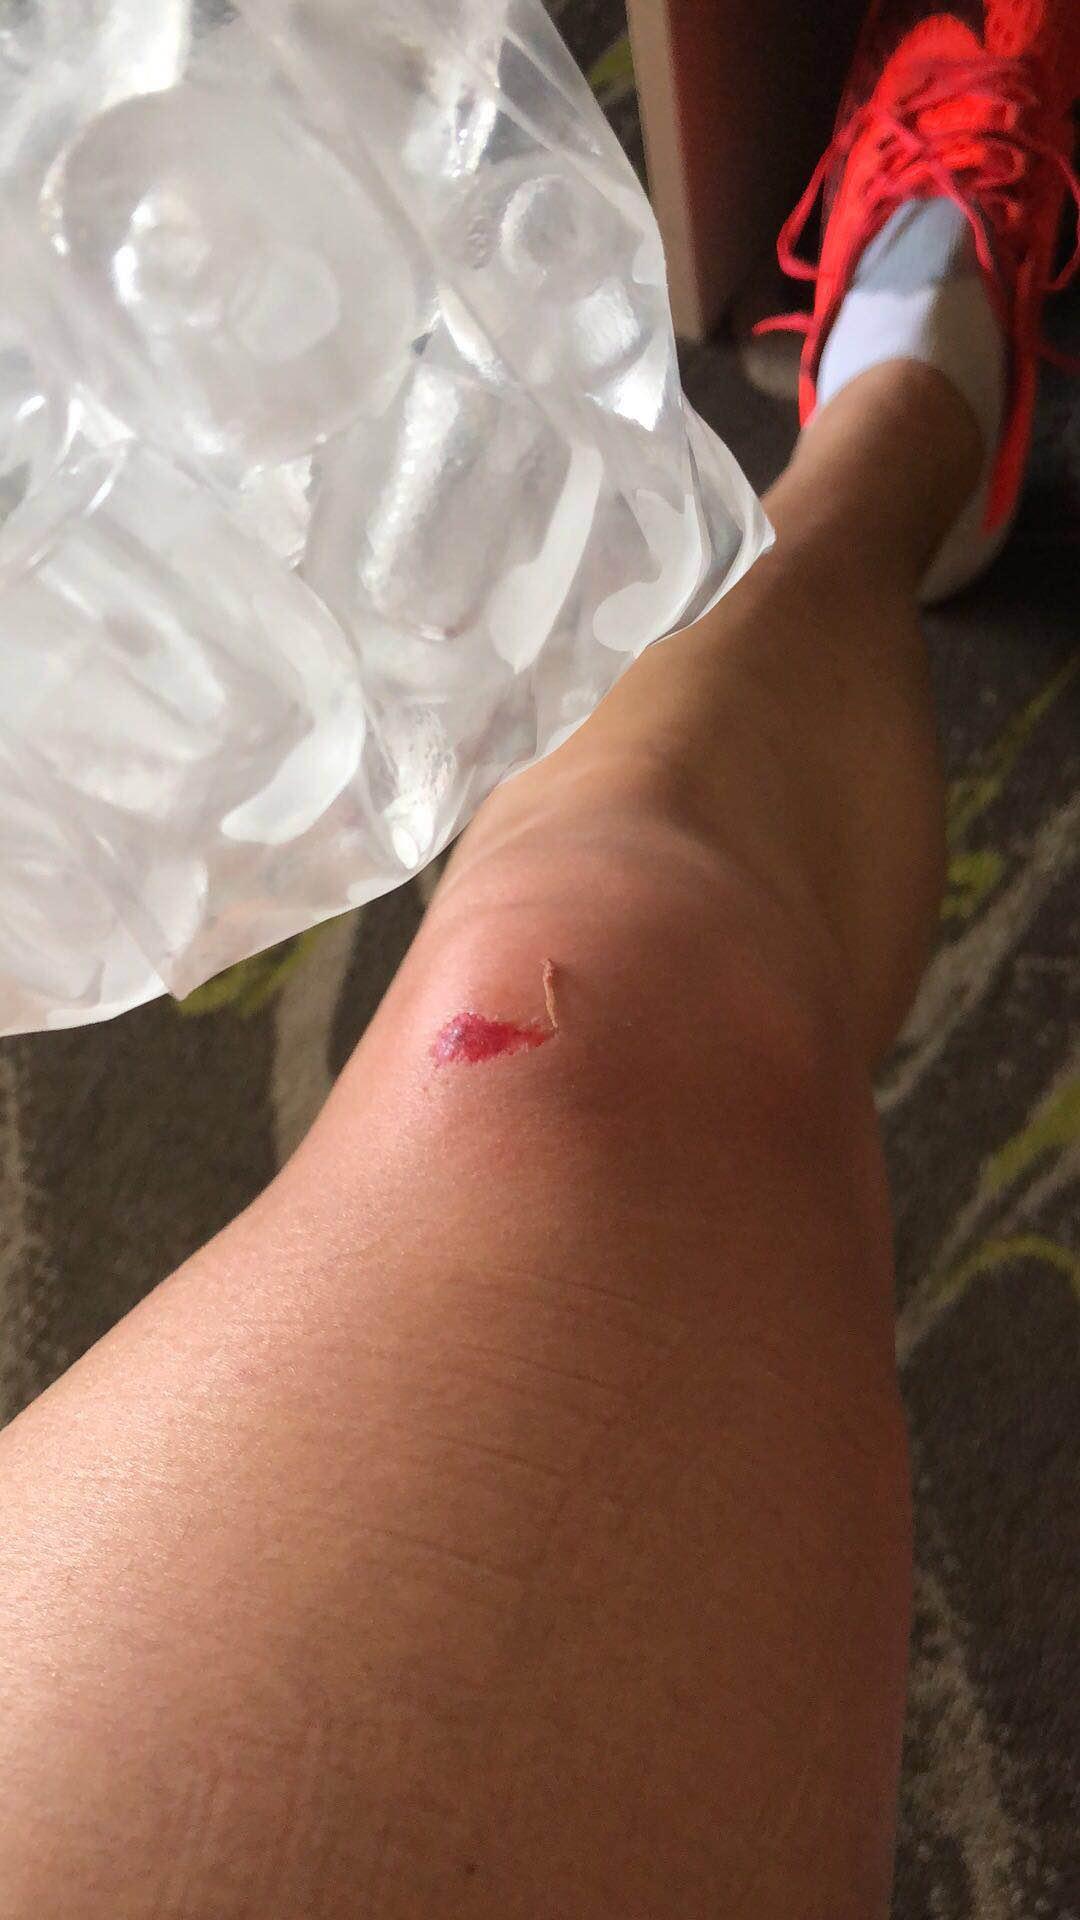 张培萌改项训练后第一摔 膝盖磕破条件艰苦